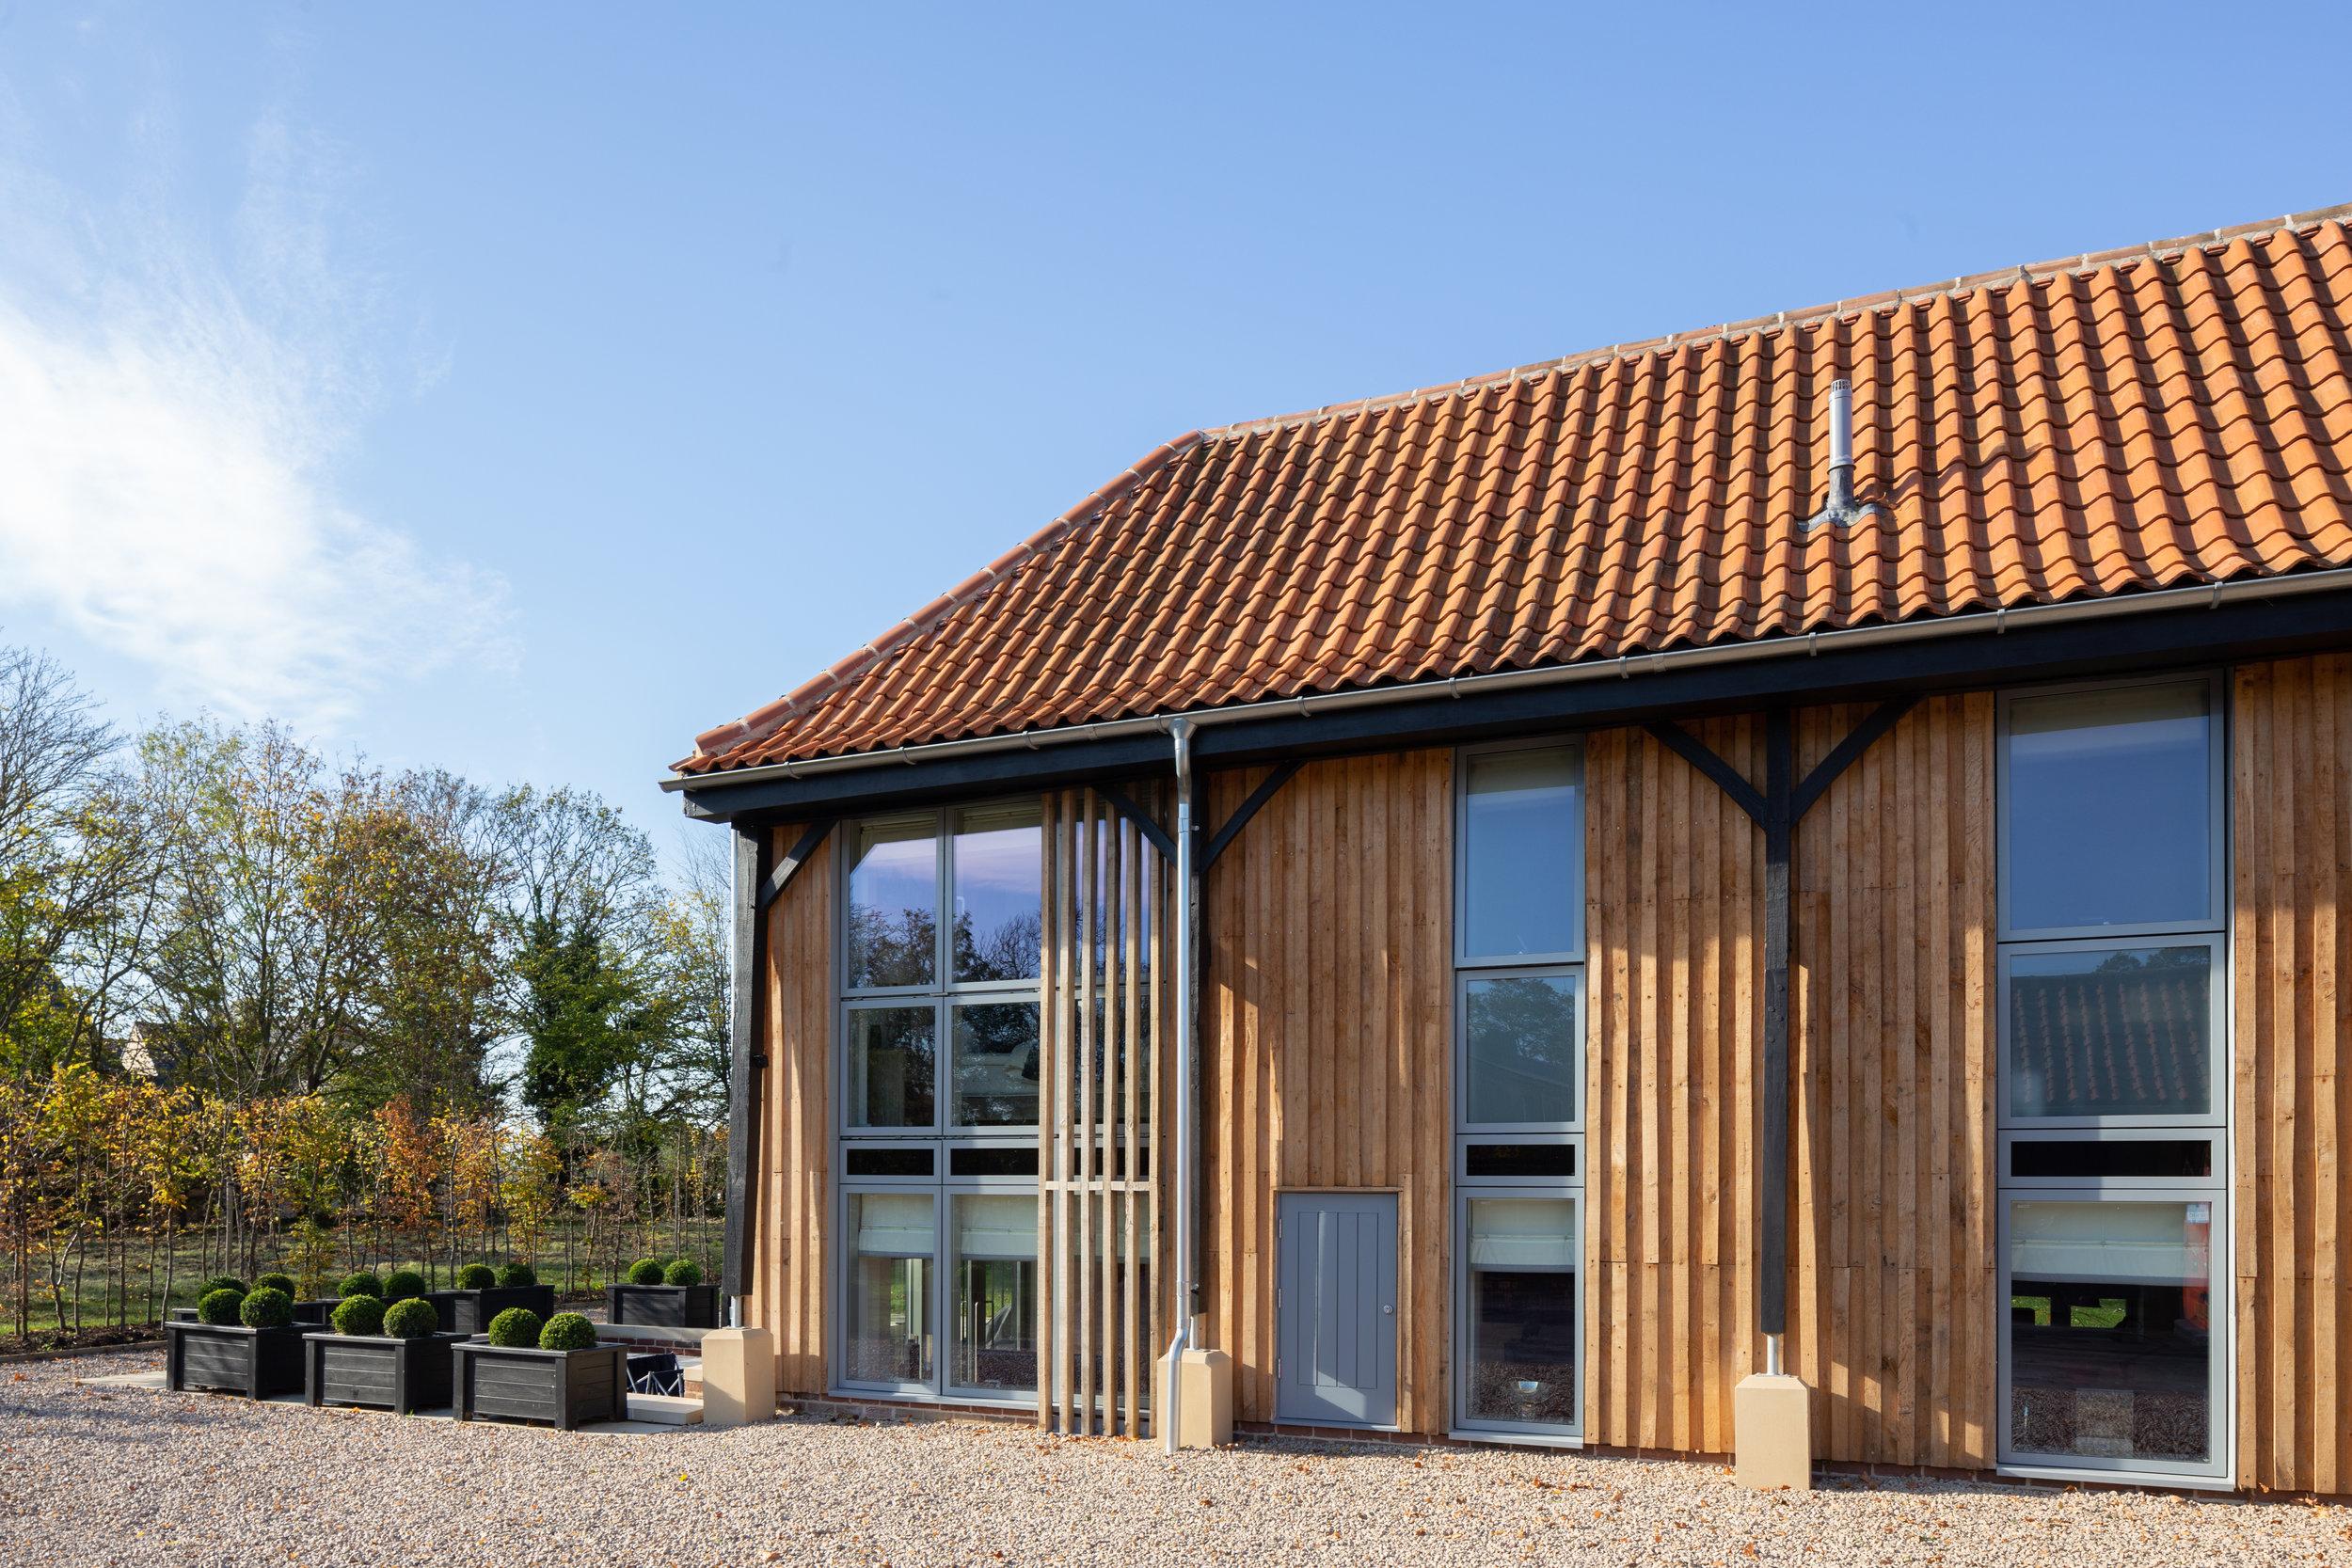 CGA_Anstey Hall Barns_IMG_5350.jpg